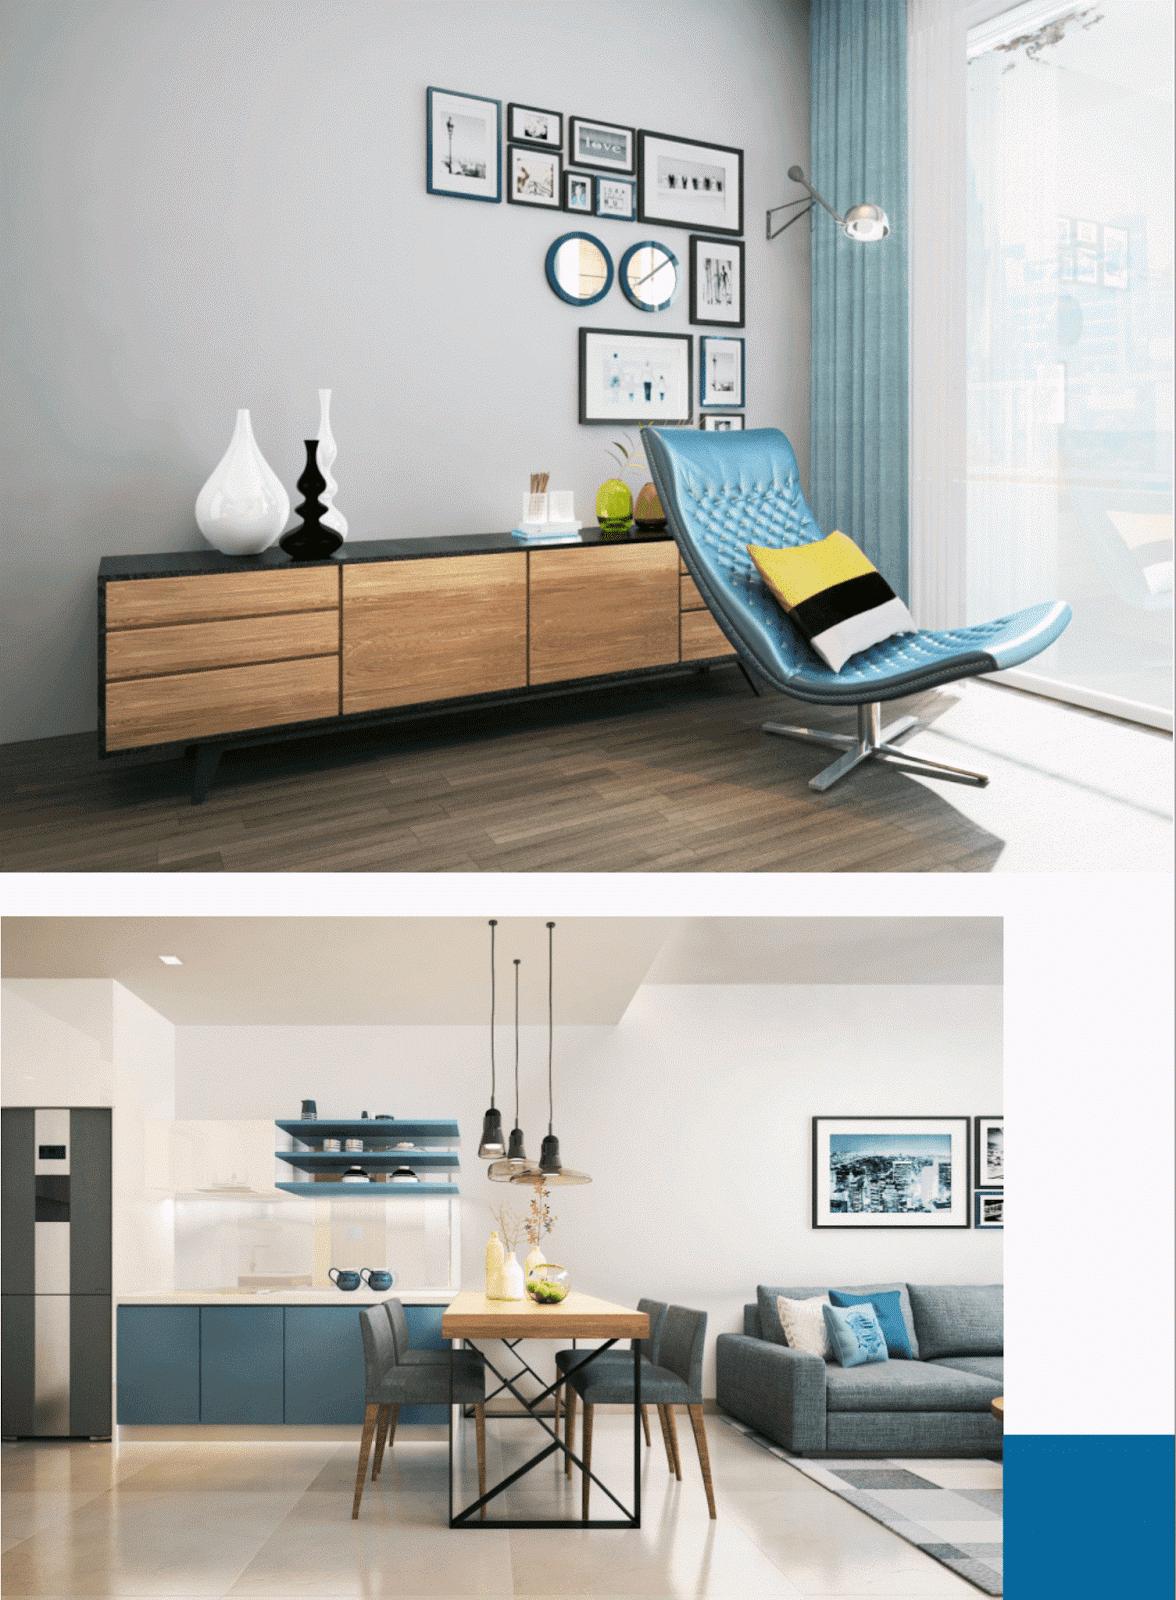 Thiết kế nội thất loại hình căn hộ thông minh tại chung cư Thống Nhất Complex